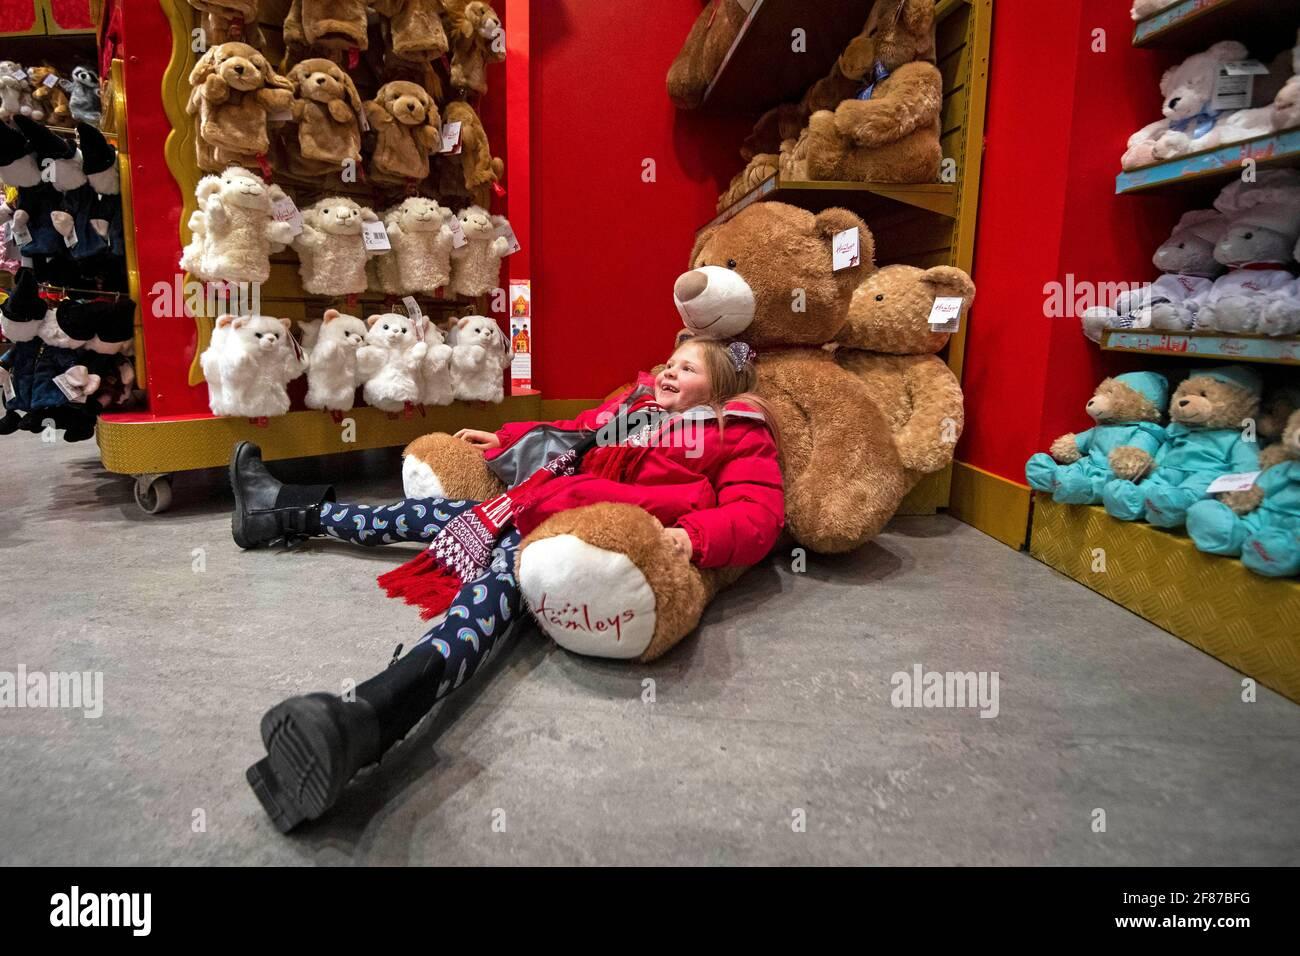 Lyla Stevens-Pierce, 7 Jahre alt, sitzt während der Wiedereröffnung des Spielzeugladens Hamleys in der Regent Street, London, auf einem riesigen Teddybären, während England mit der weiteren Lockerung der Sperrbeschränkungen einen weiteren Schritt zurück in Richtung Normalität unternimmt. Bilddatum: Montag, 12. April 2021. Stockfoto